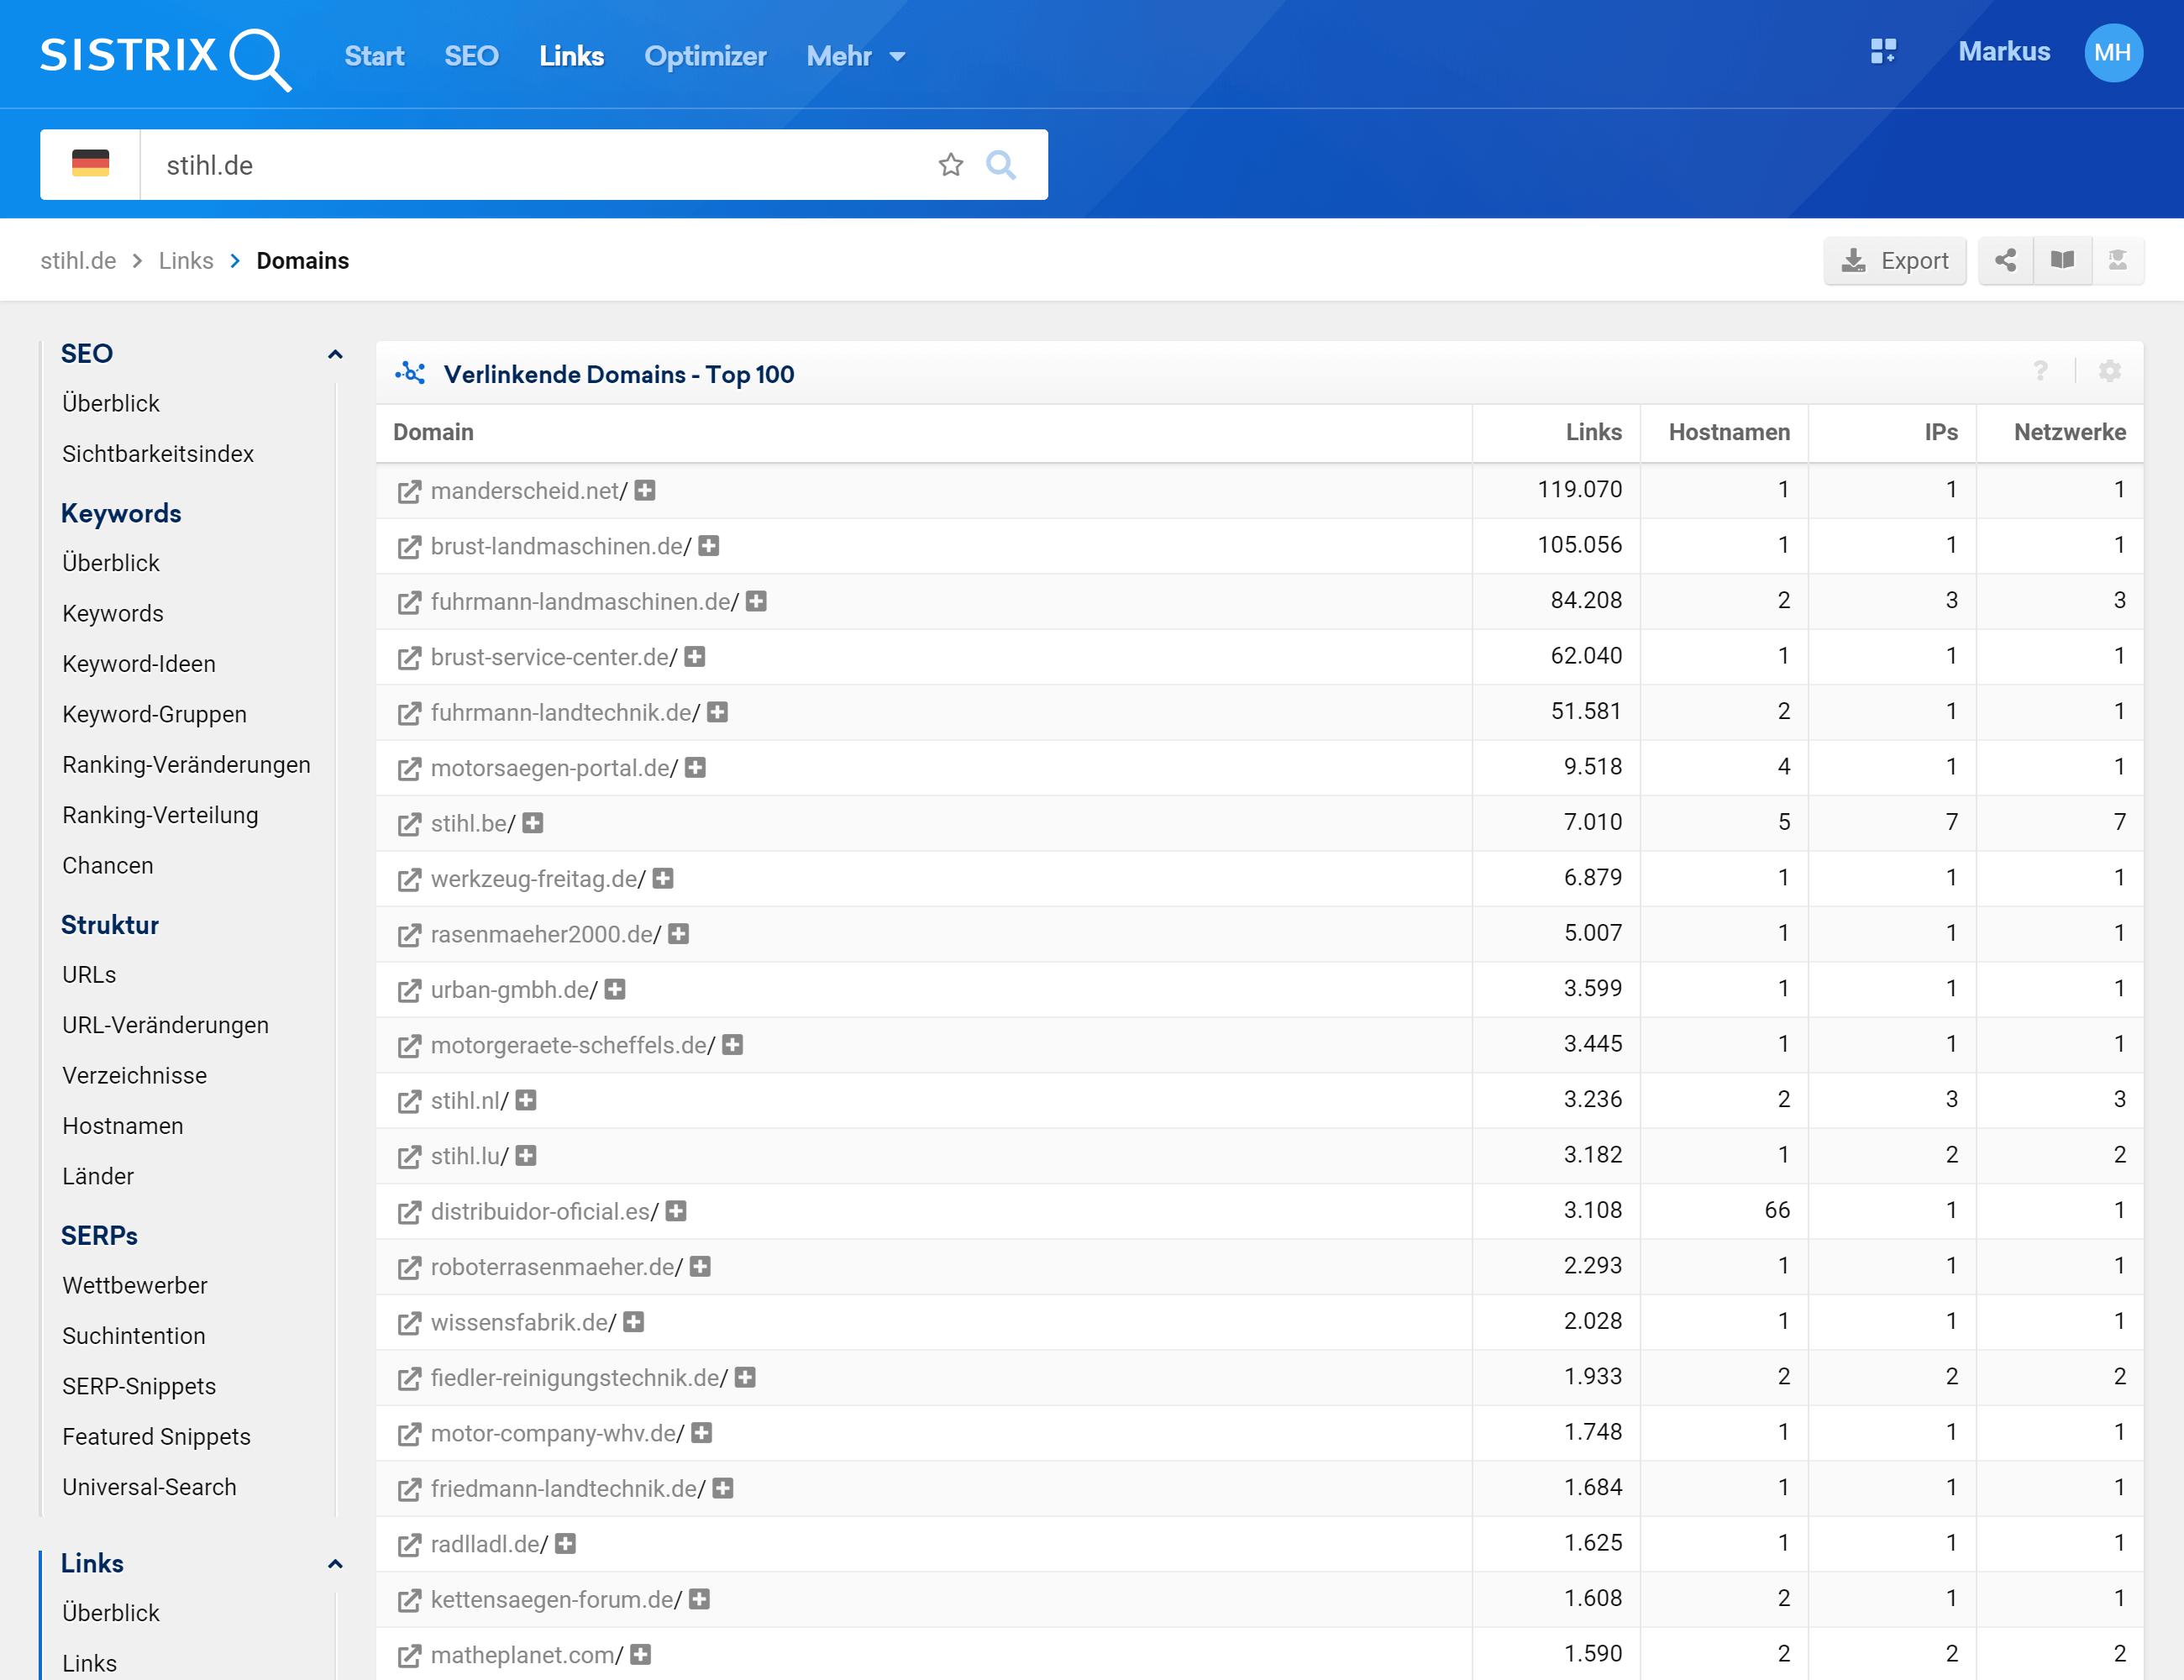 Verlinkende Domains von stihl.de